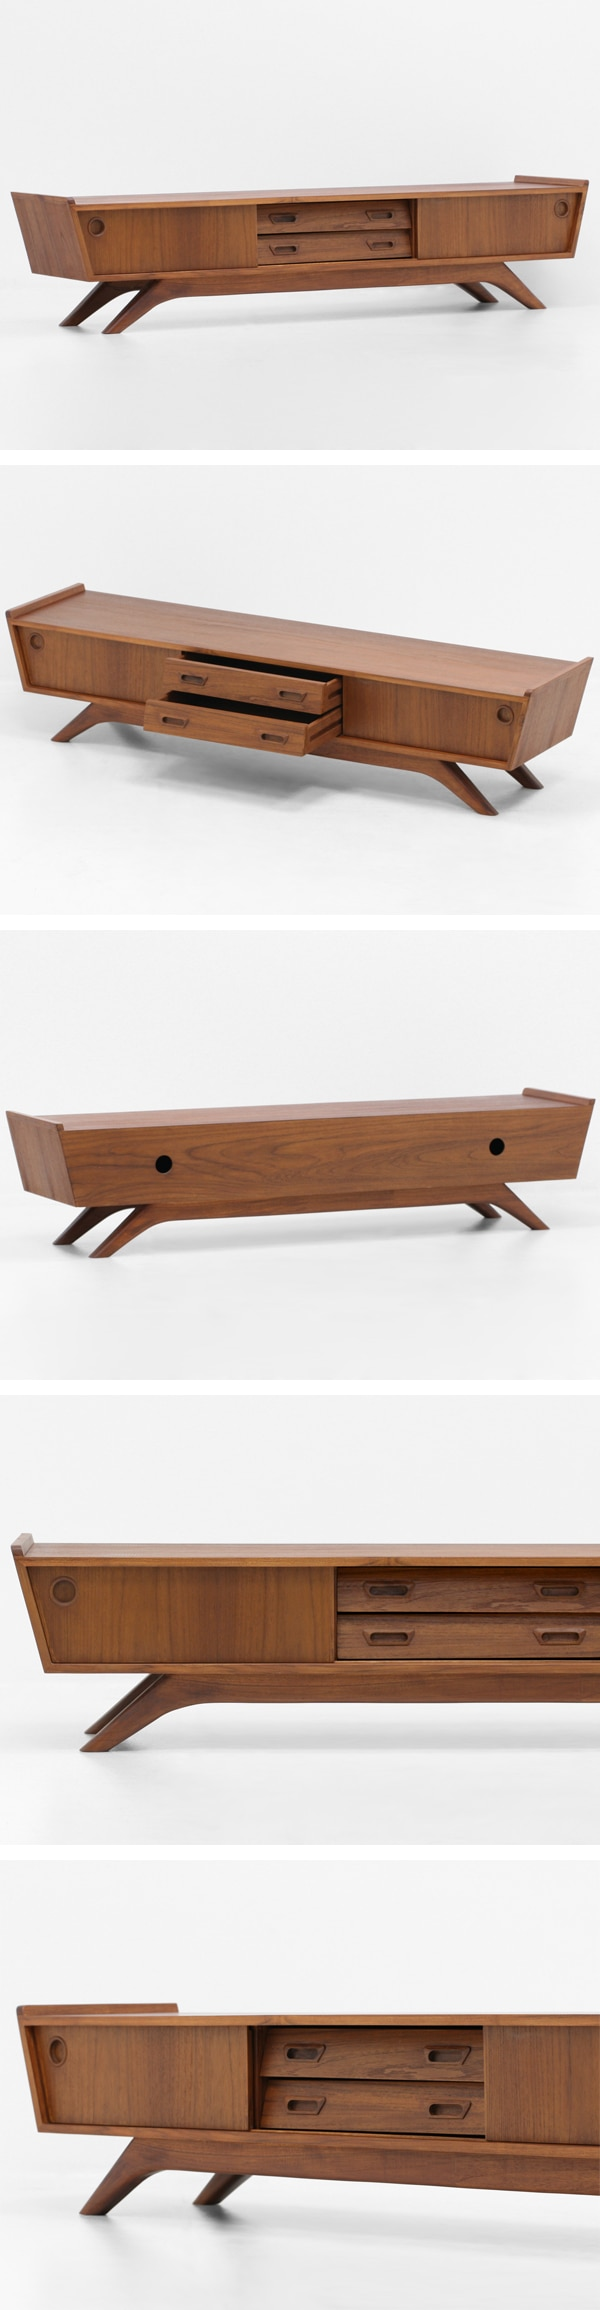 北欧デザイン家具,Klokken,クロッケン,チーク材,テレビボード,TVボード,サイドボード